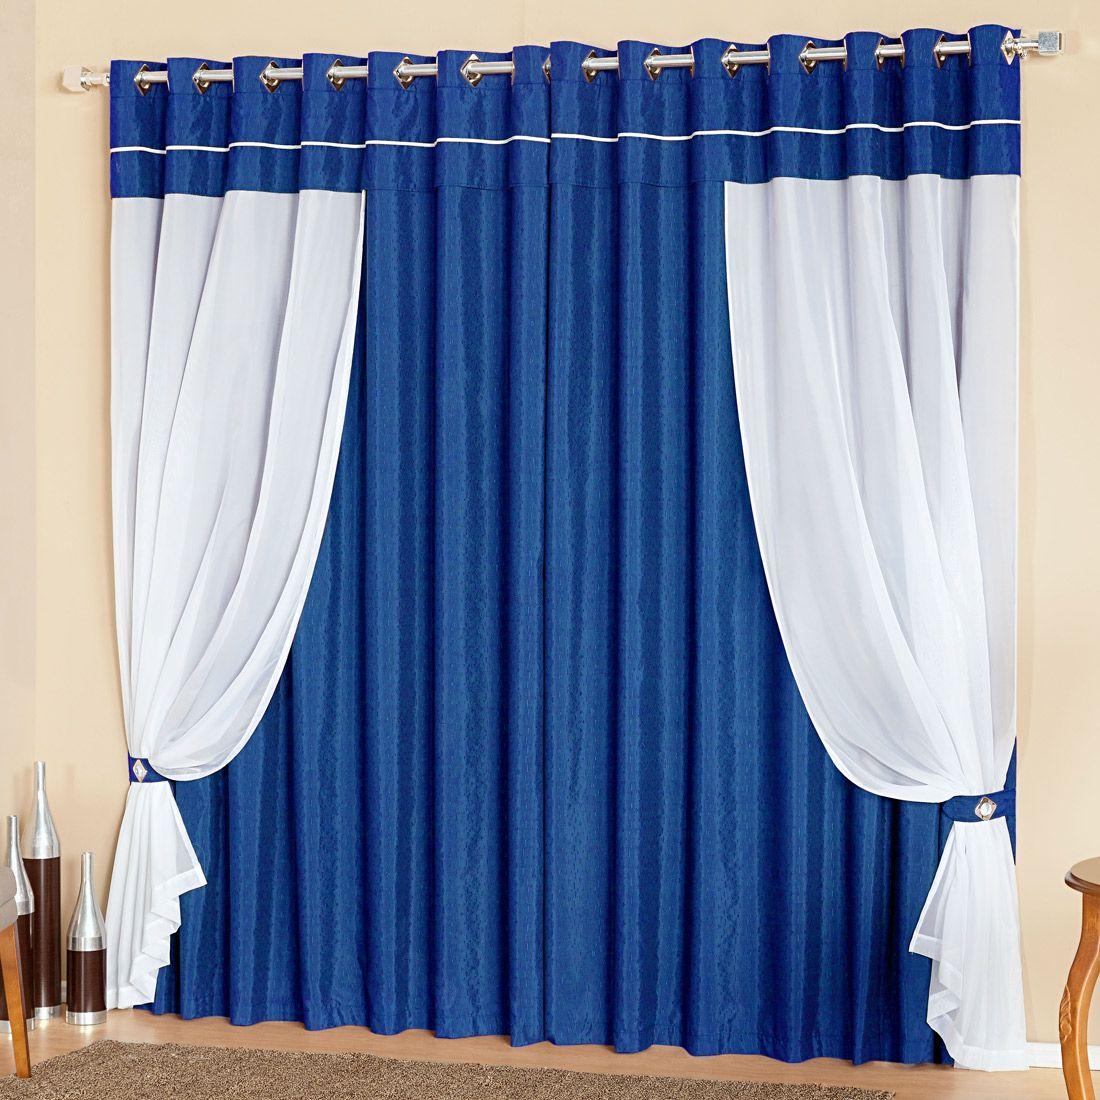 Cortina Lívia Azul c/ Voil 2,00m x 1,70m p/ Varão Simples